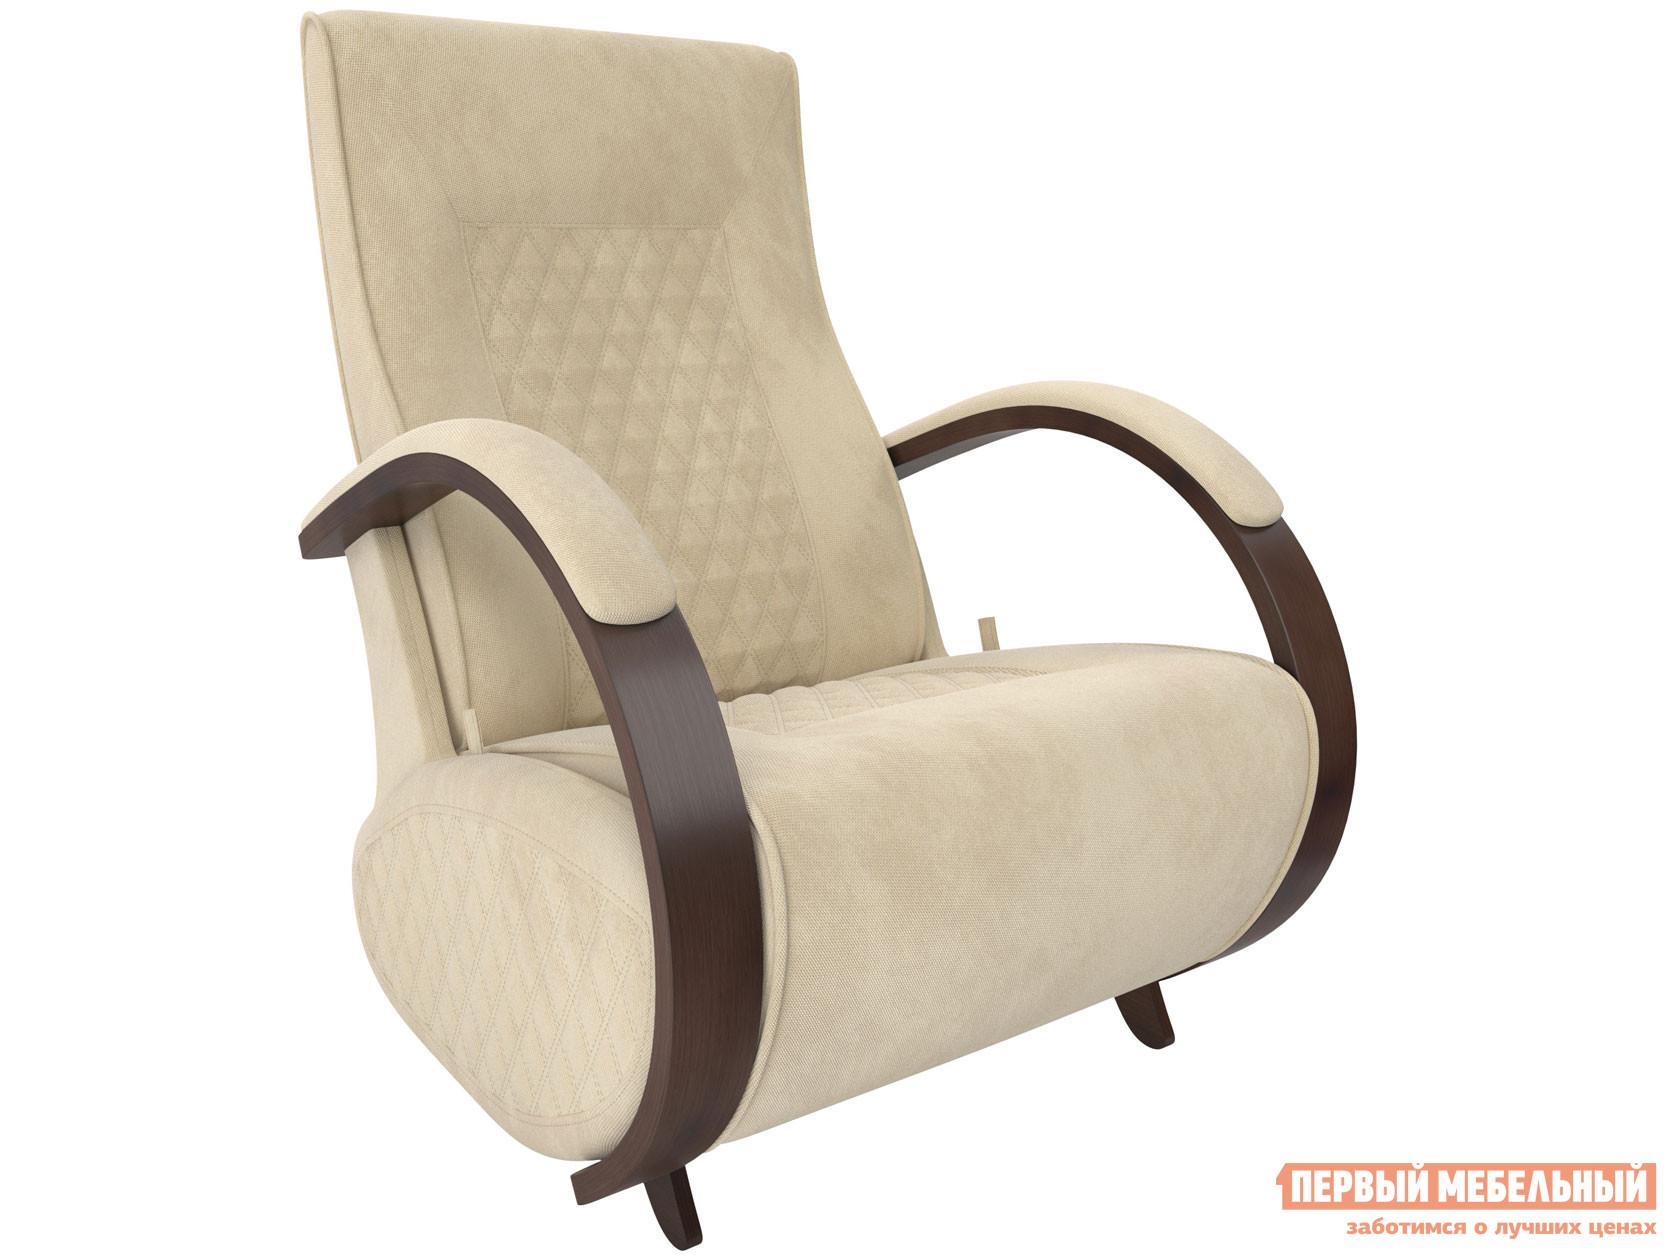 Кресло-качалка  Кресло-глайдер Баланс-3 Орех 39, Verona Vanilla, велюр Мебель Импэкс 84588